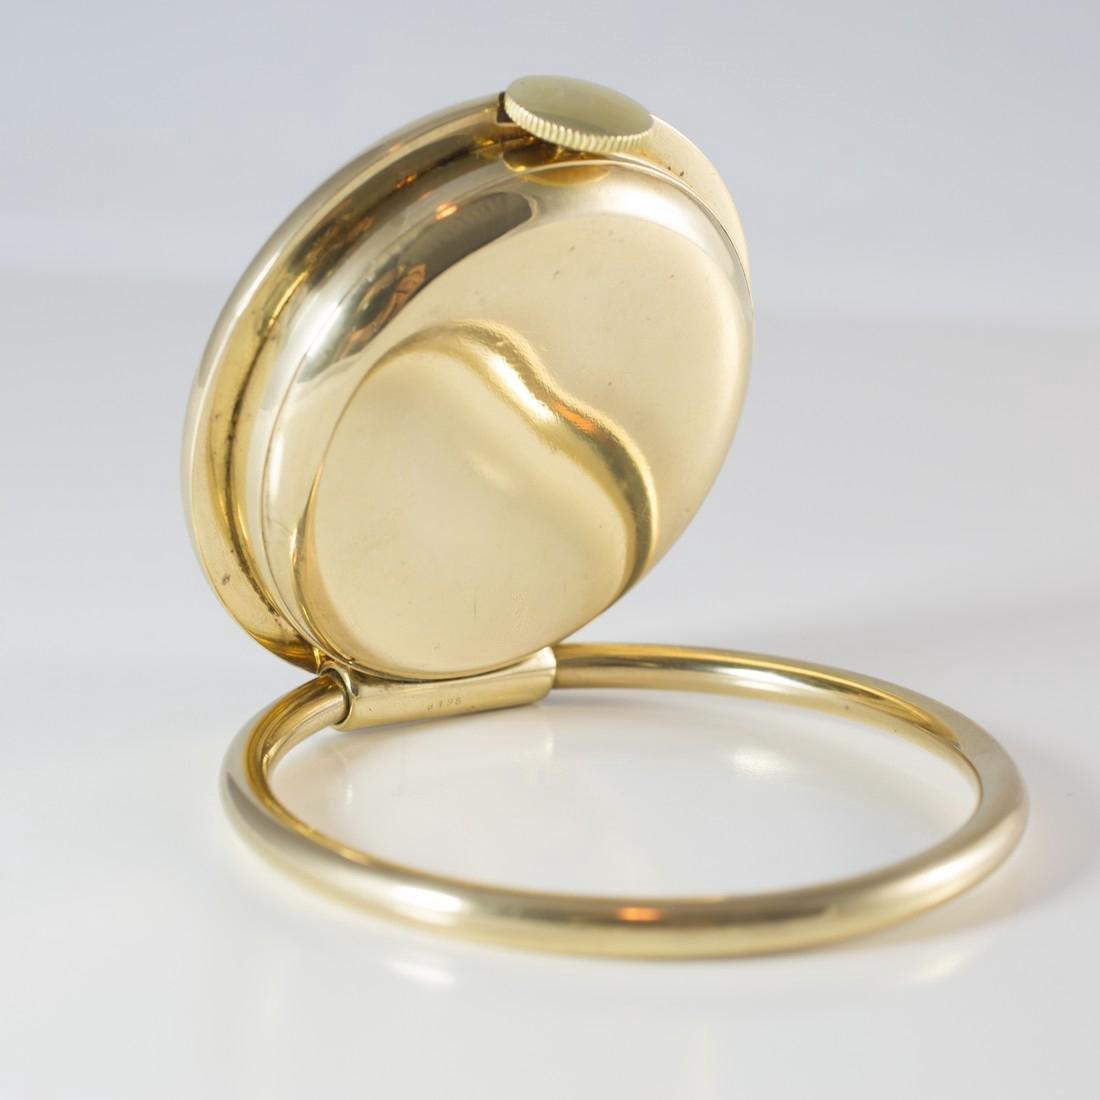 Cartier Swiss 8 Day 10K Gold Filled Travel Desk Clock - 4